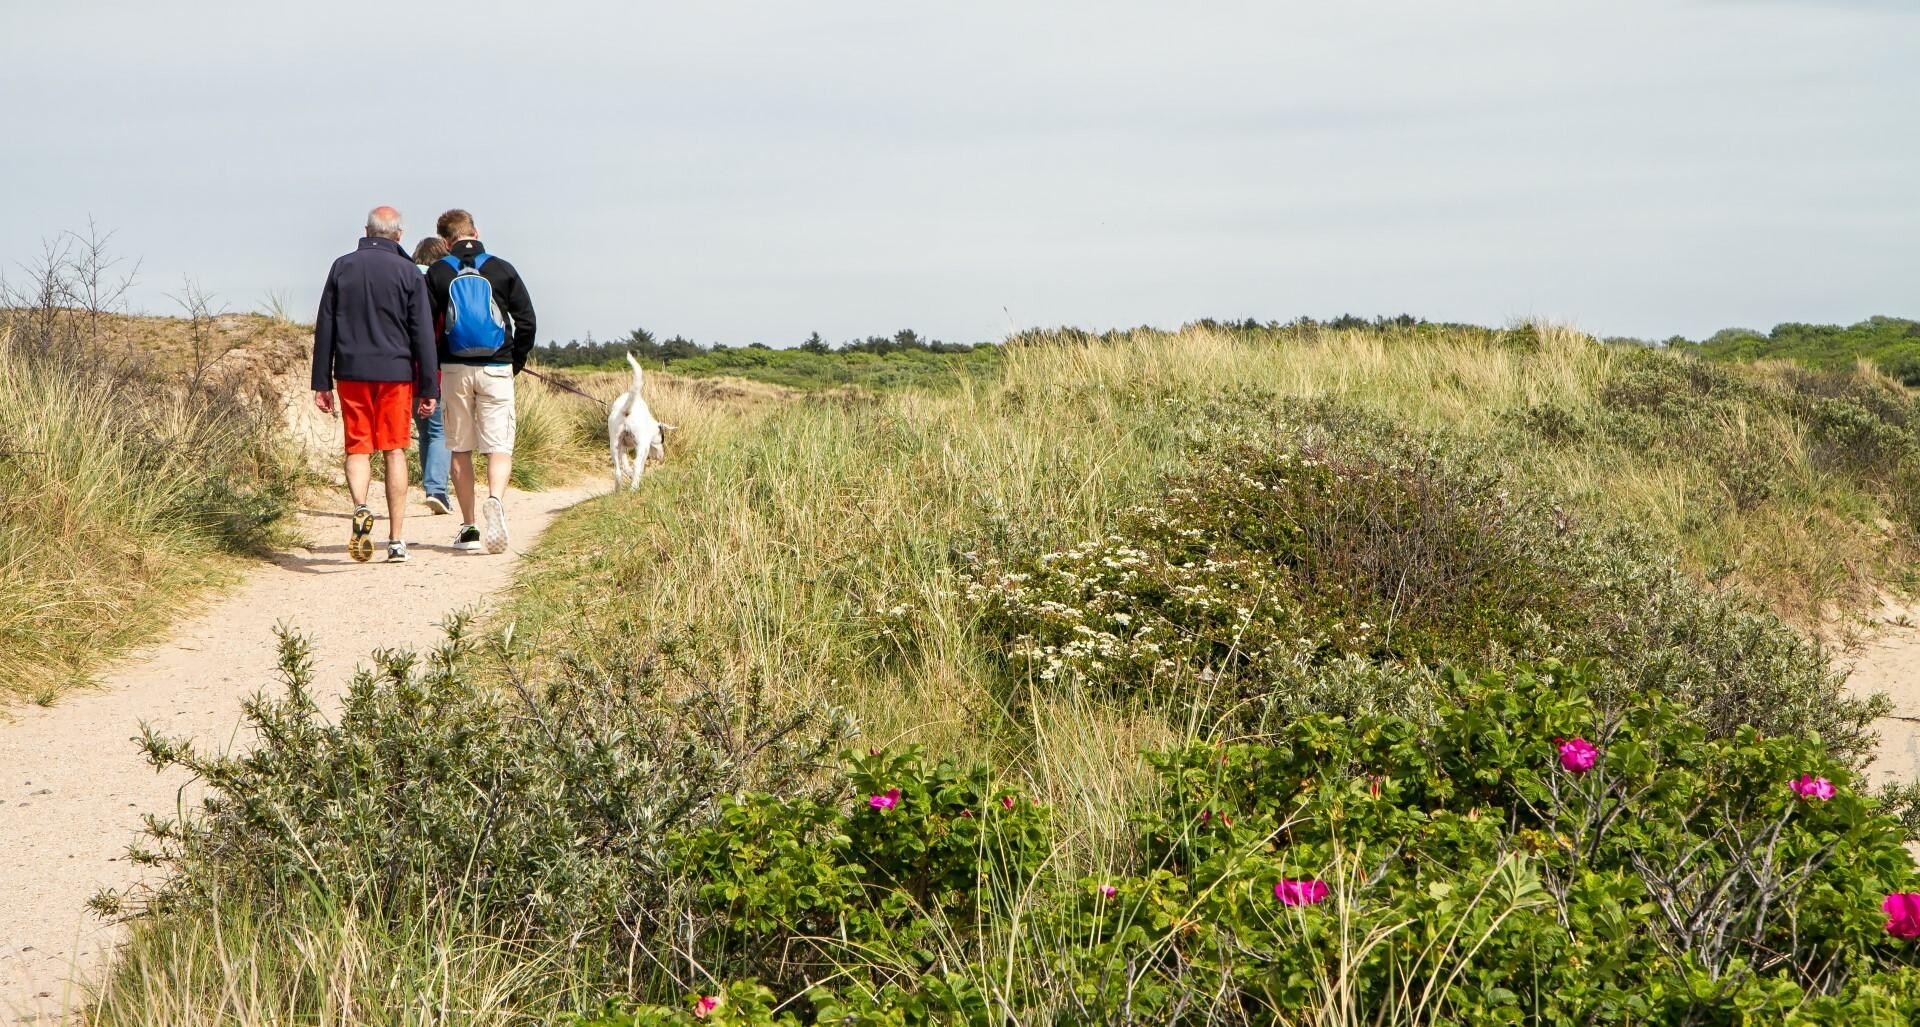 Wandelen in de duinen met hond VVV Texel fotograaf Justin Sinner